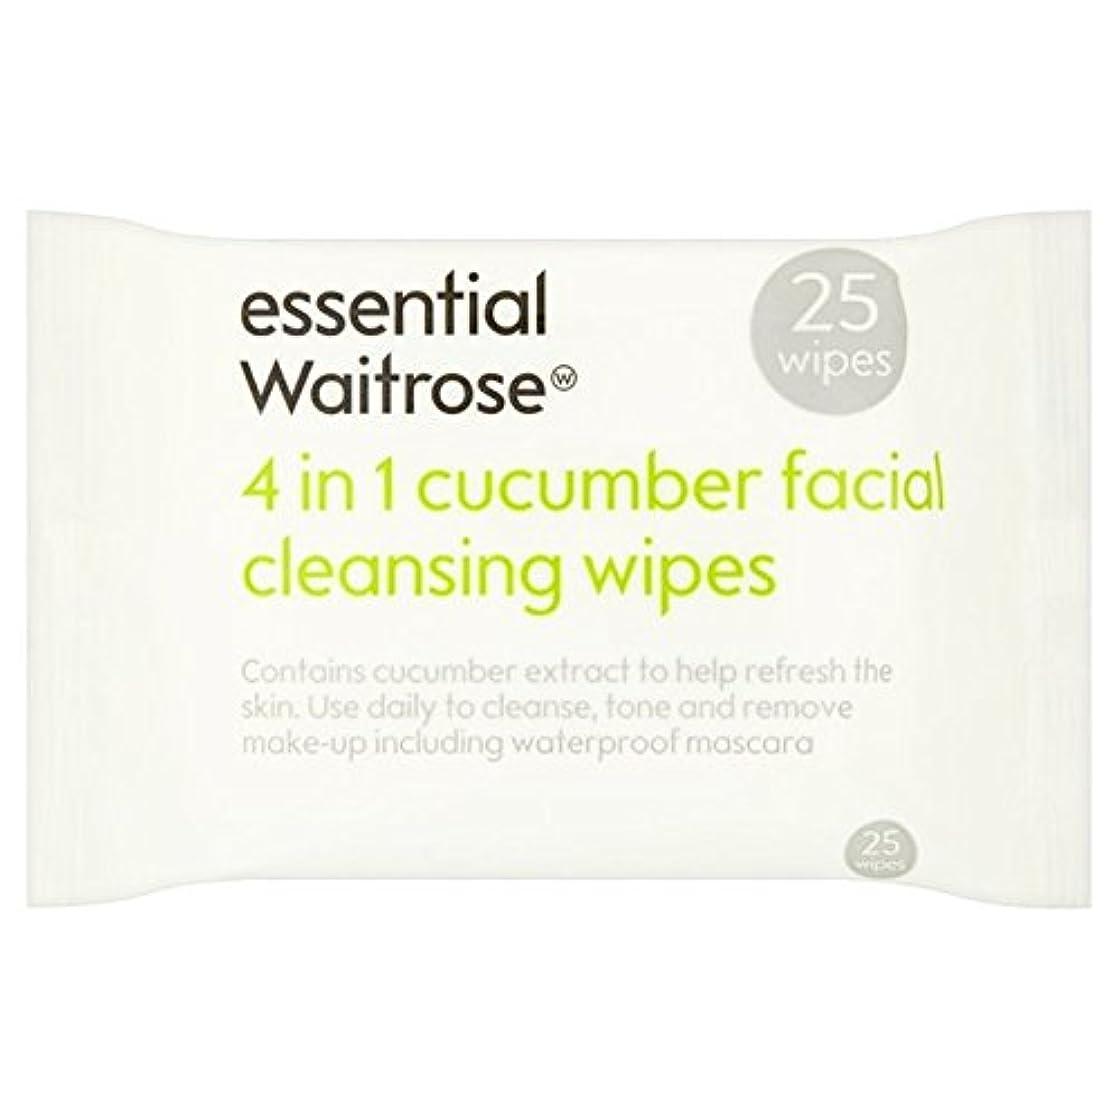 討論招待オーバードローキュウリ顔のワイプパックあたり不可欠ウェイトローズ25 x2 - Cucumber Facial Wipes essential Waitrose 25 per pack (Pack of 2) [並行輸入品]